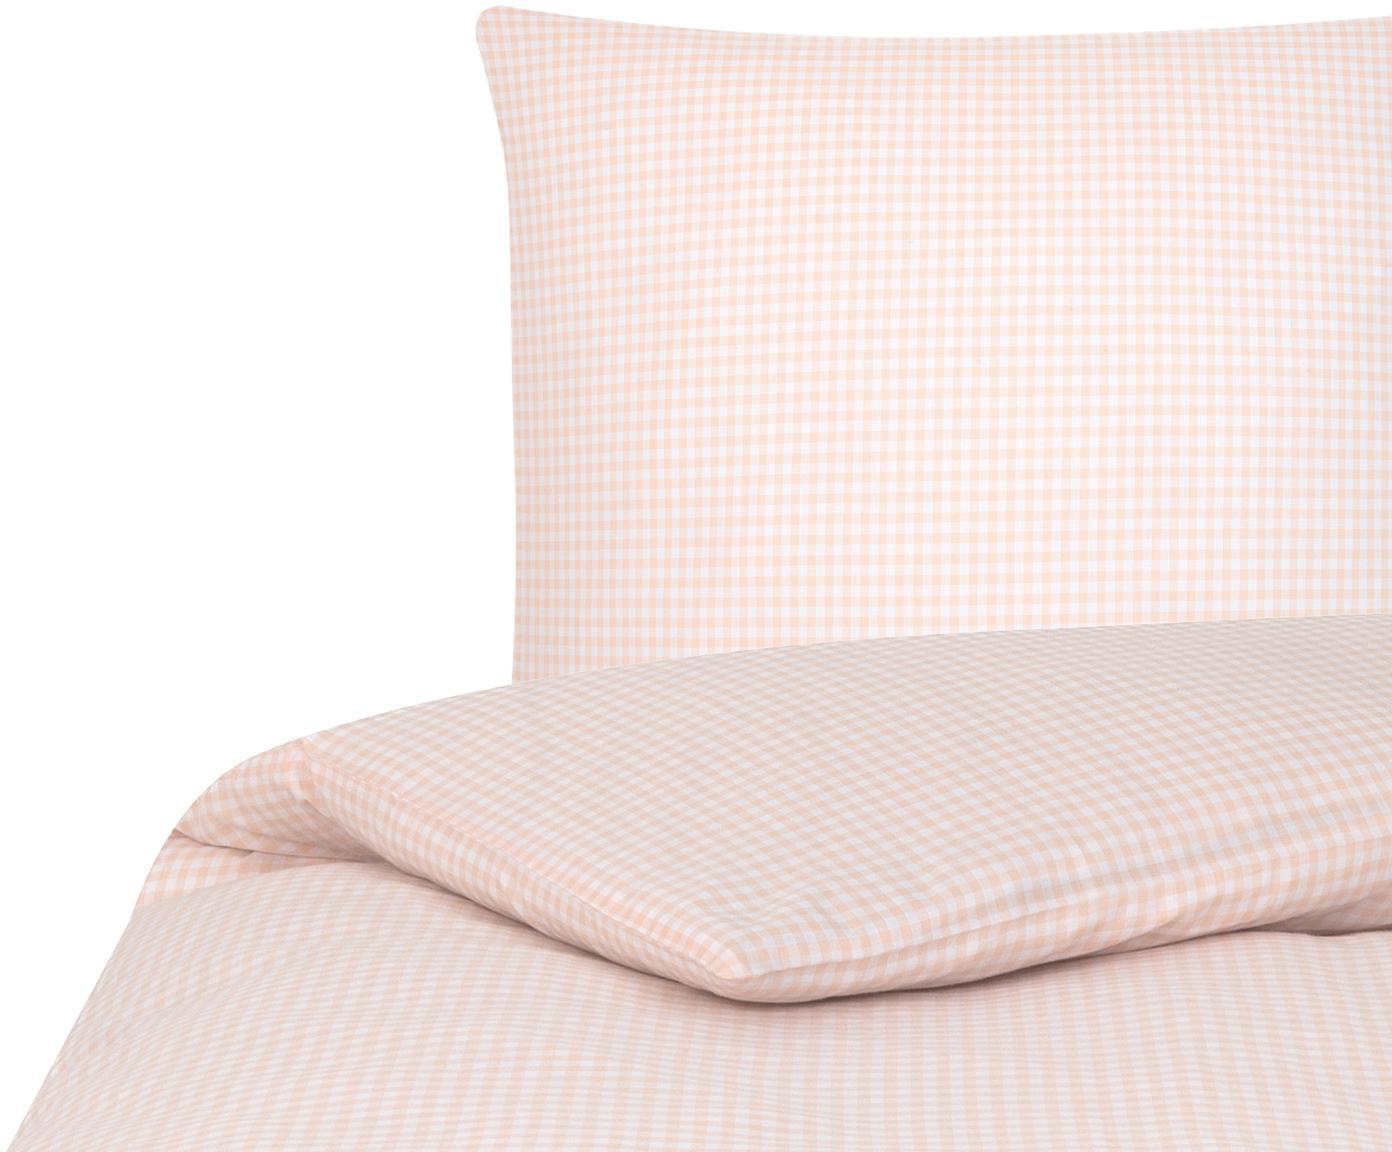 Karierte Baumwoll-Bettwäsche Scotty in Apricot/Weiß, 100% Baumwolle  Fadendichte 118 TC, Standard Qualität  Bettwäsche aus Baumwolle fühlt sich auf der Haut angenehm weich an, nimmt Feuchtigkeit gut auf und eignet sich für Allergiker, Apricot/Weiß, 135 x 200 cm + 1 Kissen 80 x 80 cm